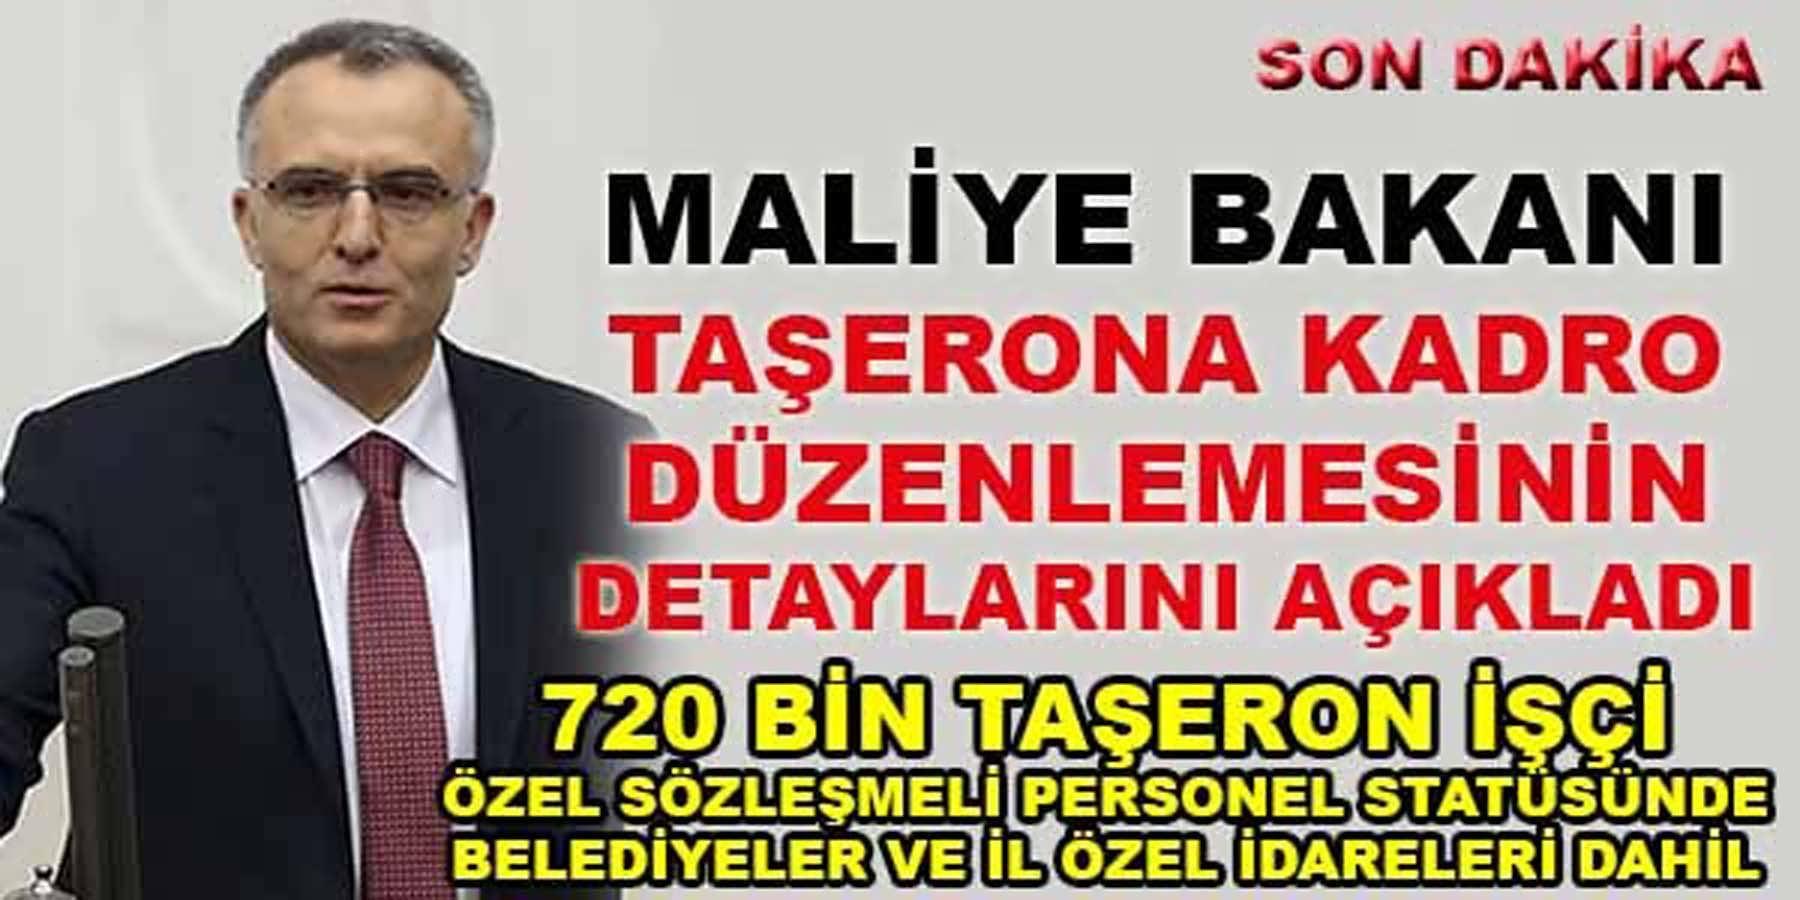 Taşeron İşçiler Kadro Kanunu Detaylarını Maliye Bakanı Naci Ağbal Açıkladı